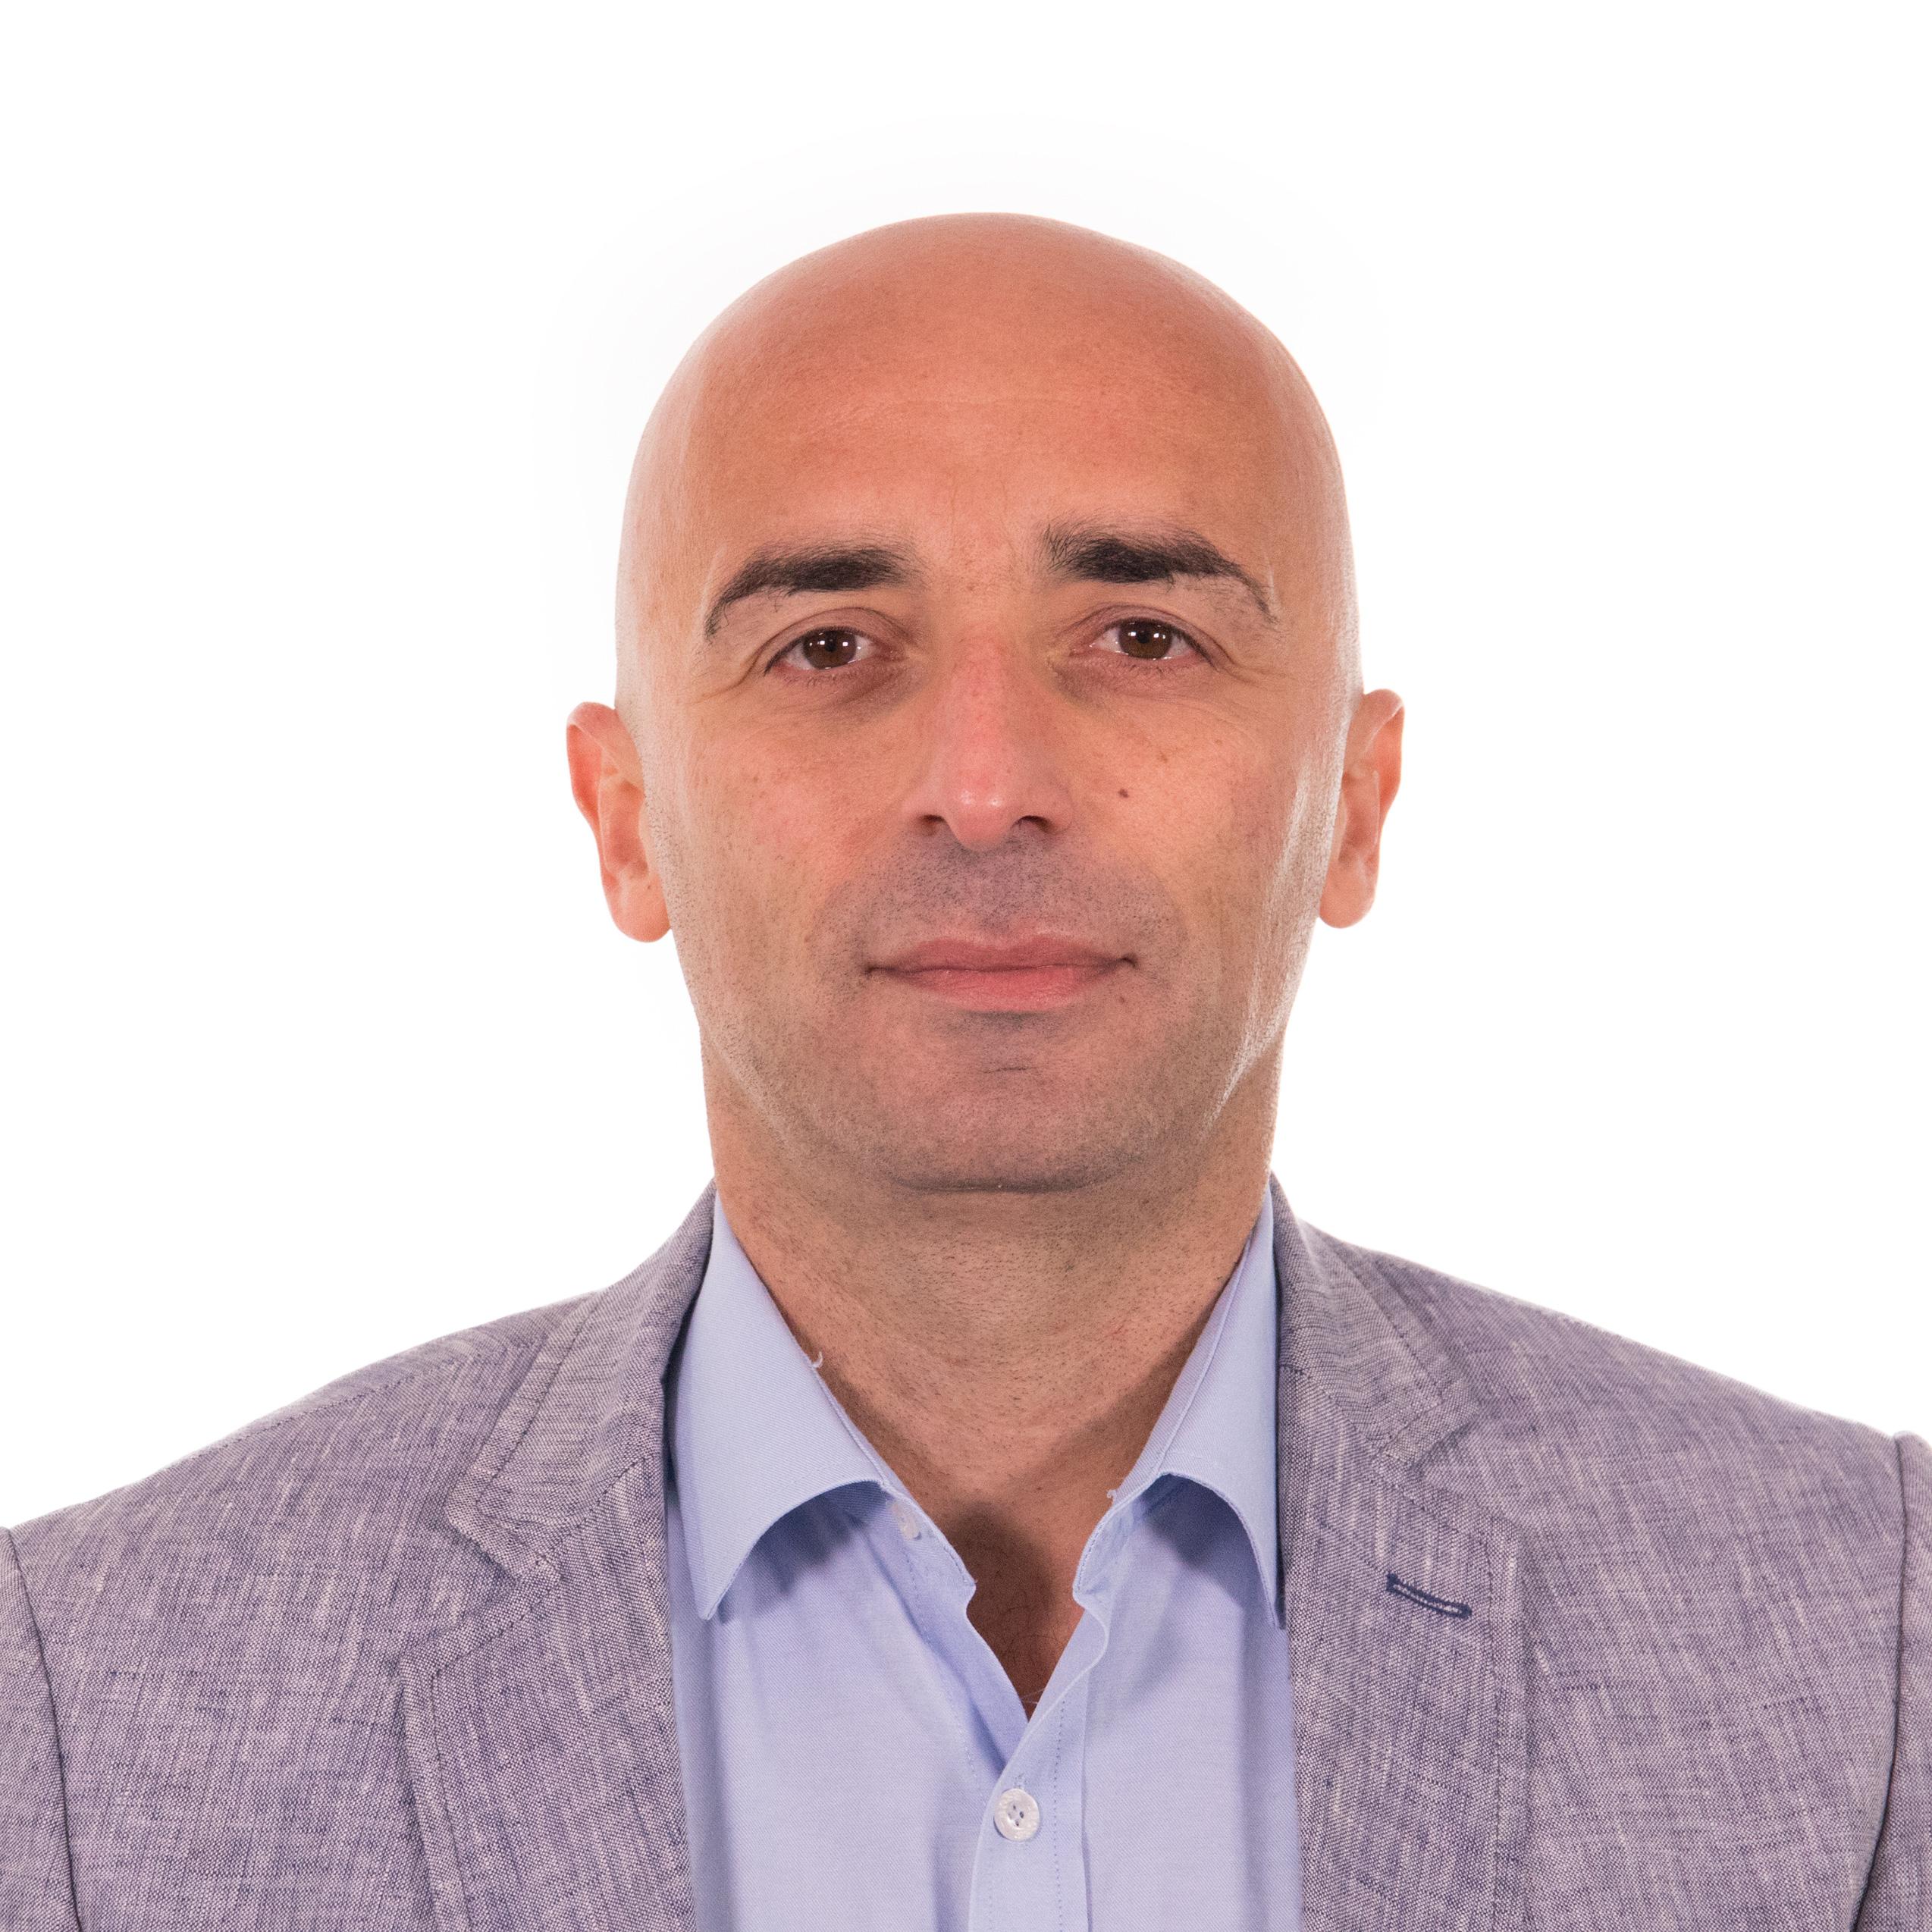 Aleksandar Djokovic